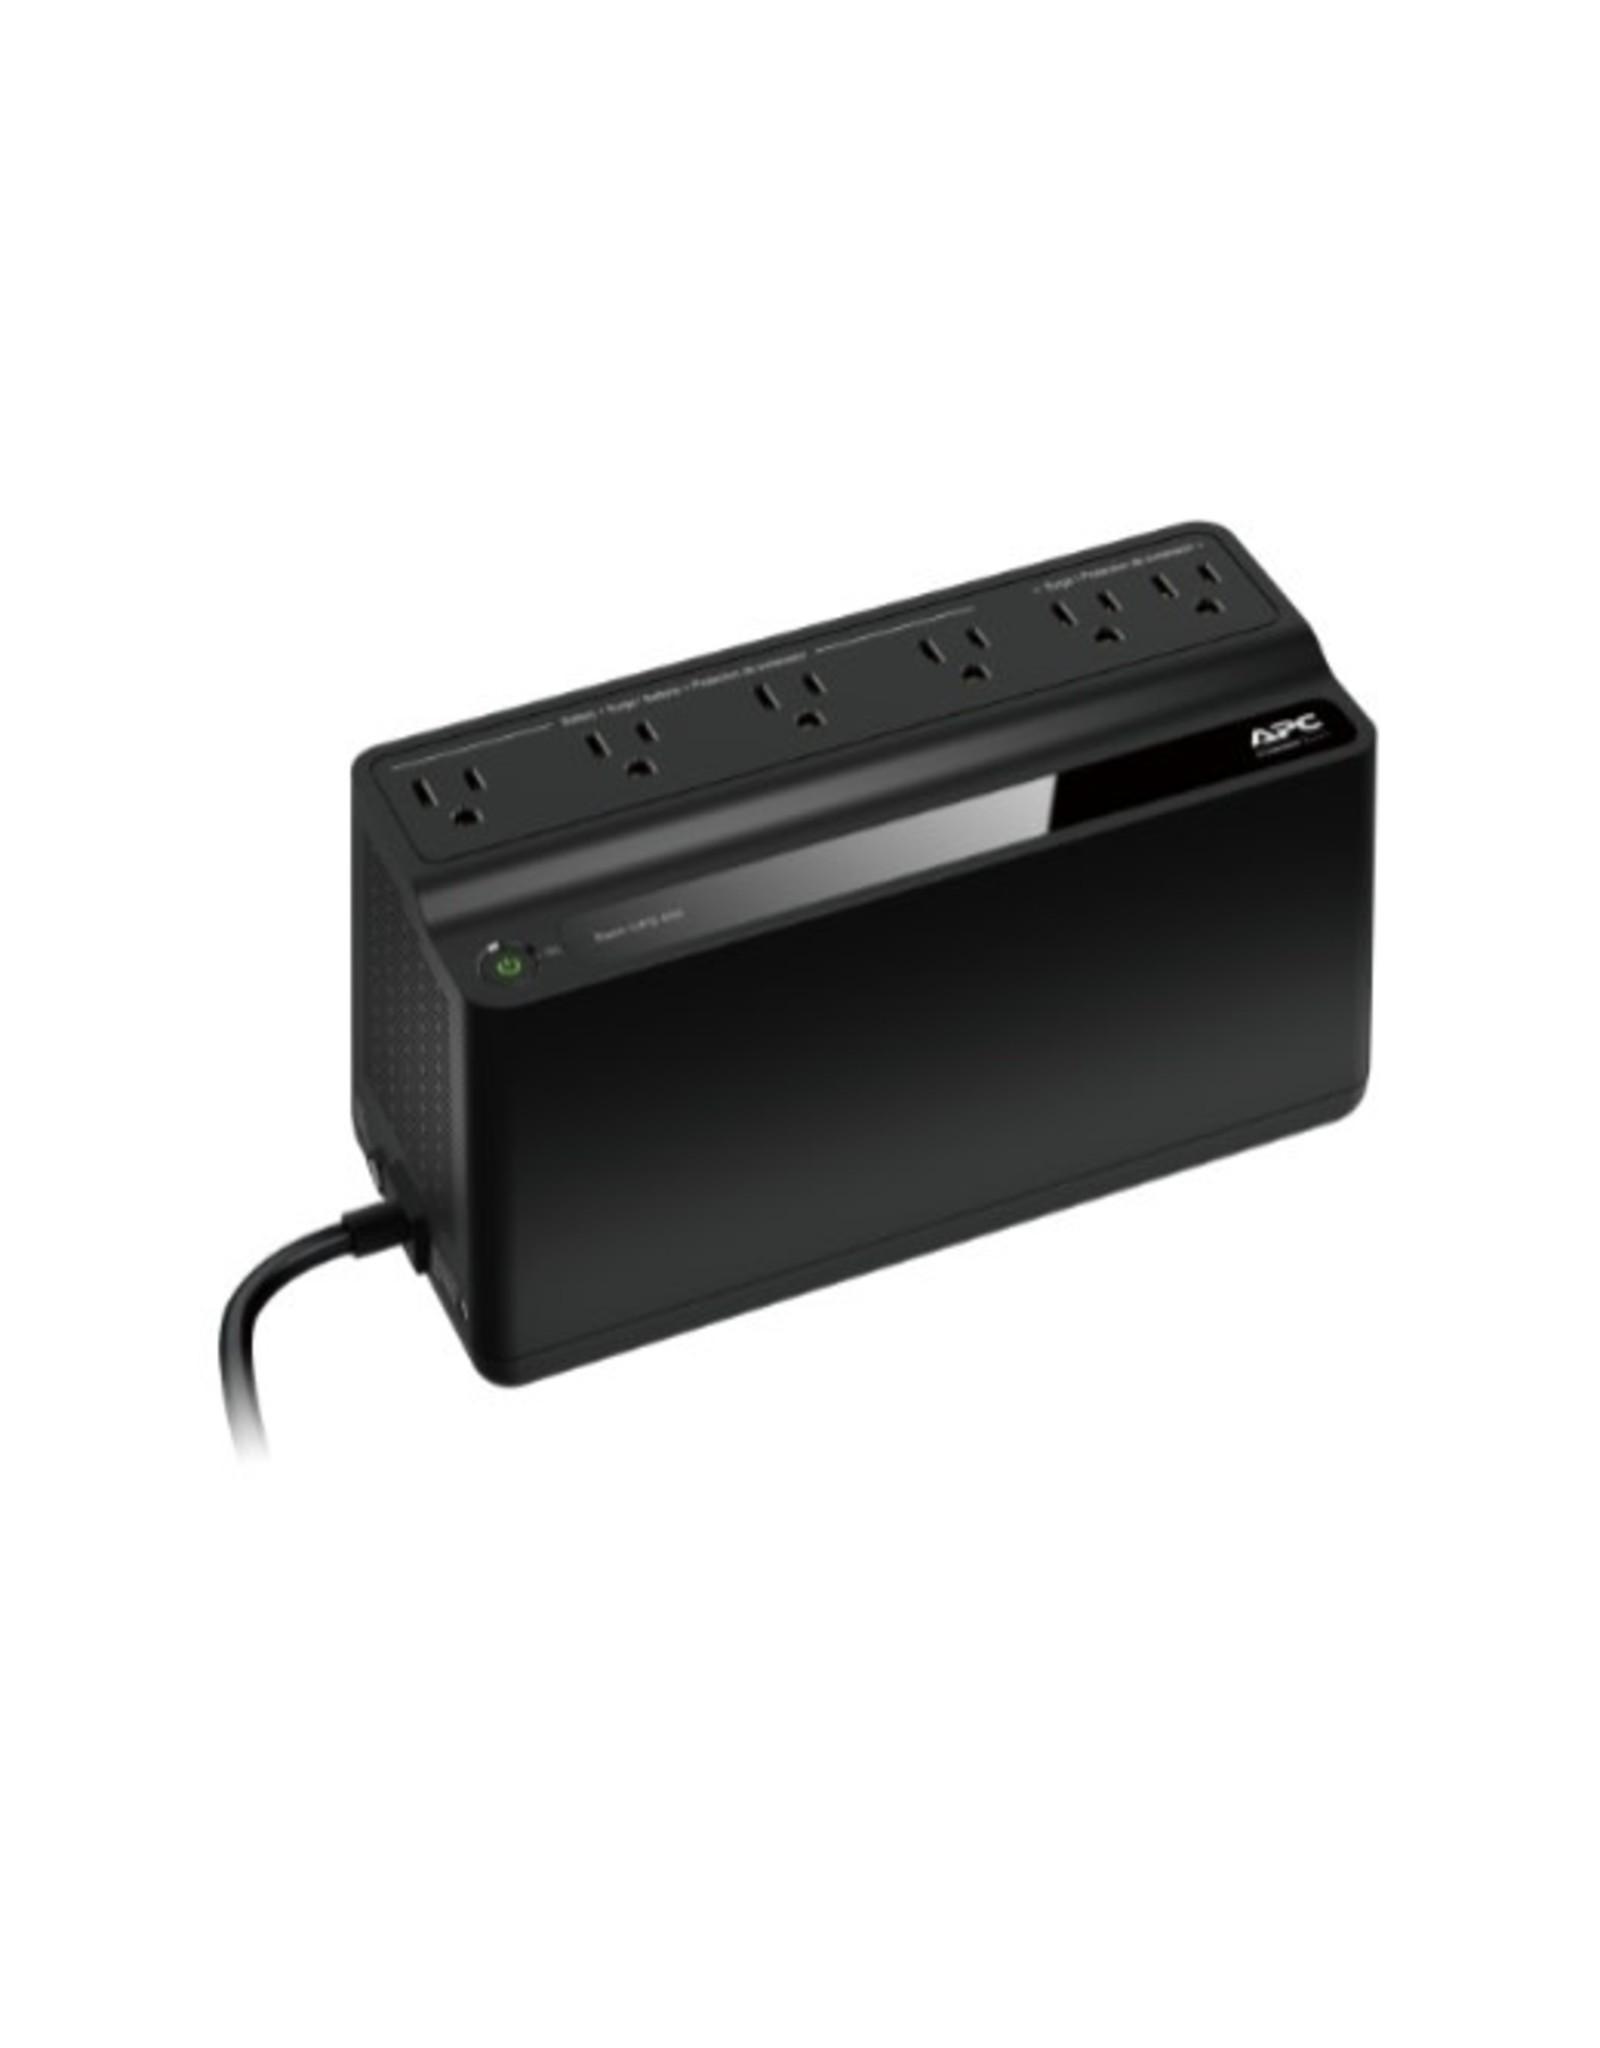 APC APC Back-UPS NS 6 Outlet 450VA 120V